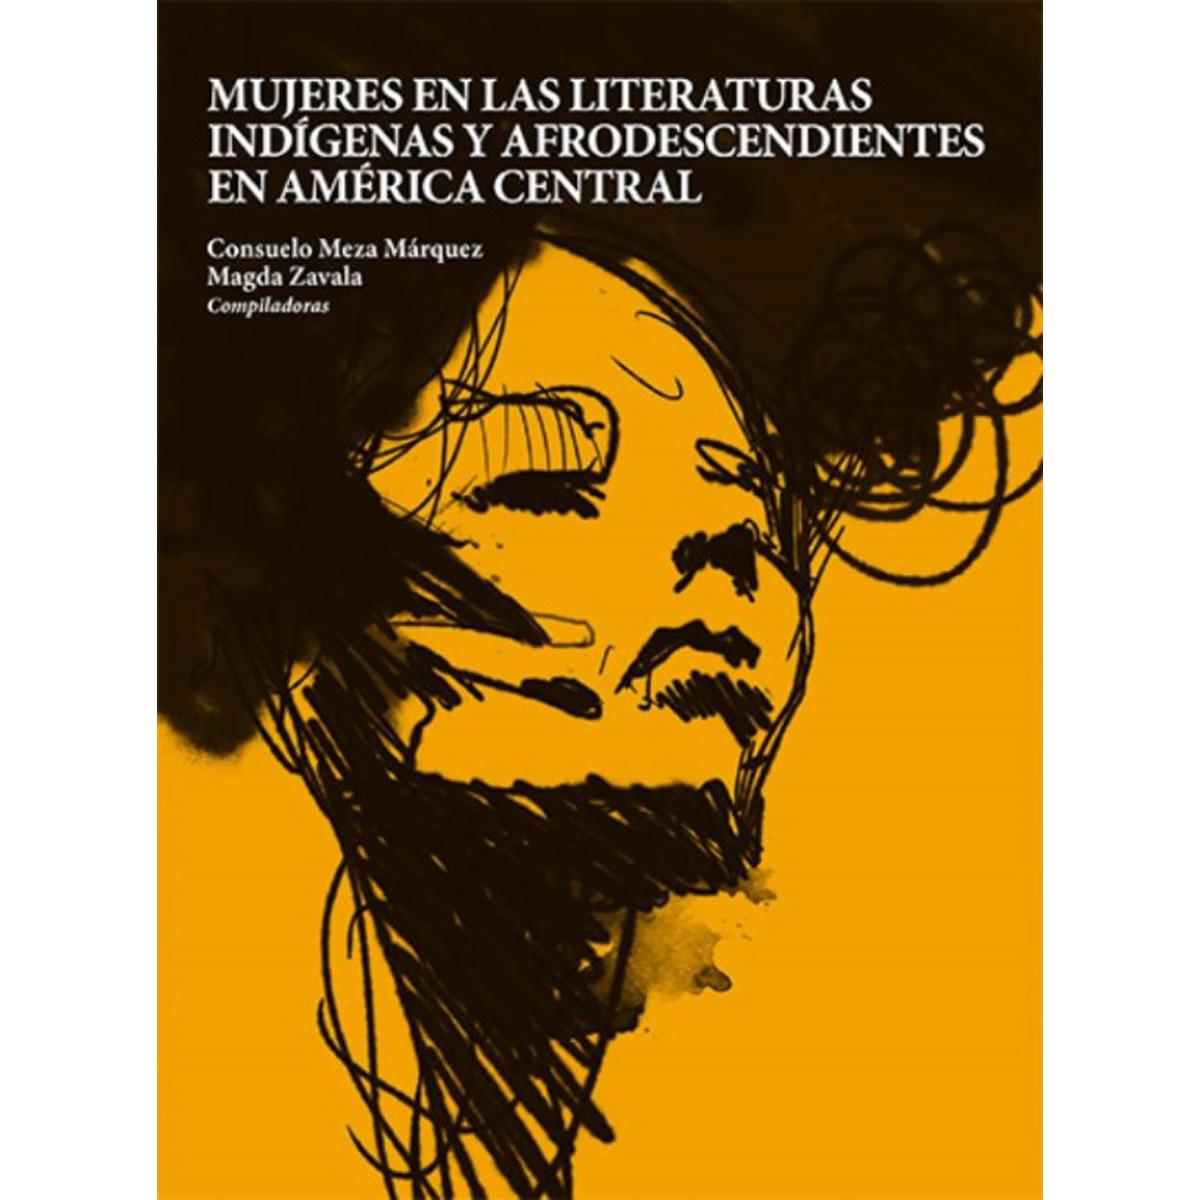 Mujeres en las literaturas indígenas y afrodescendientes en América Central